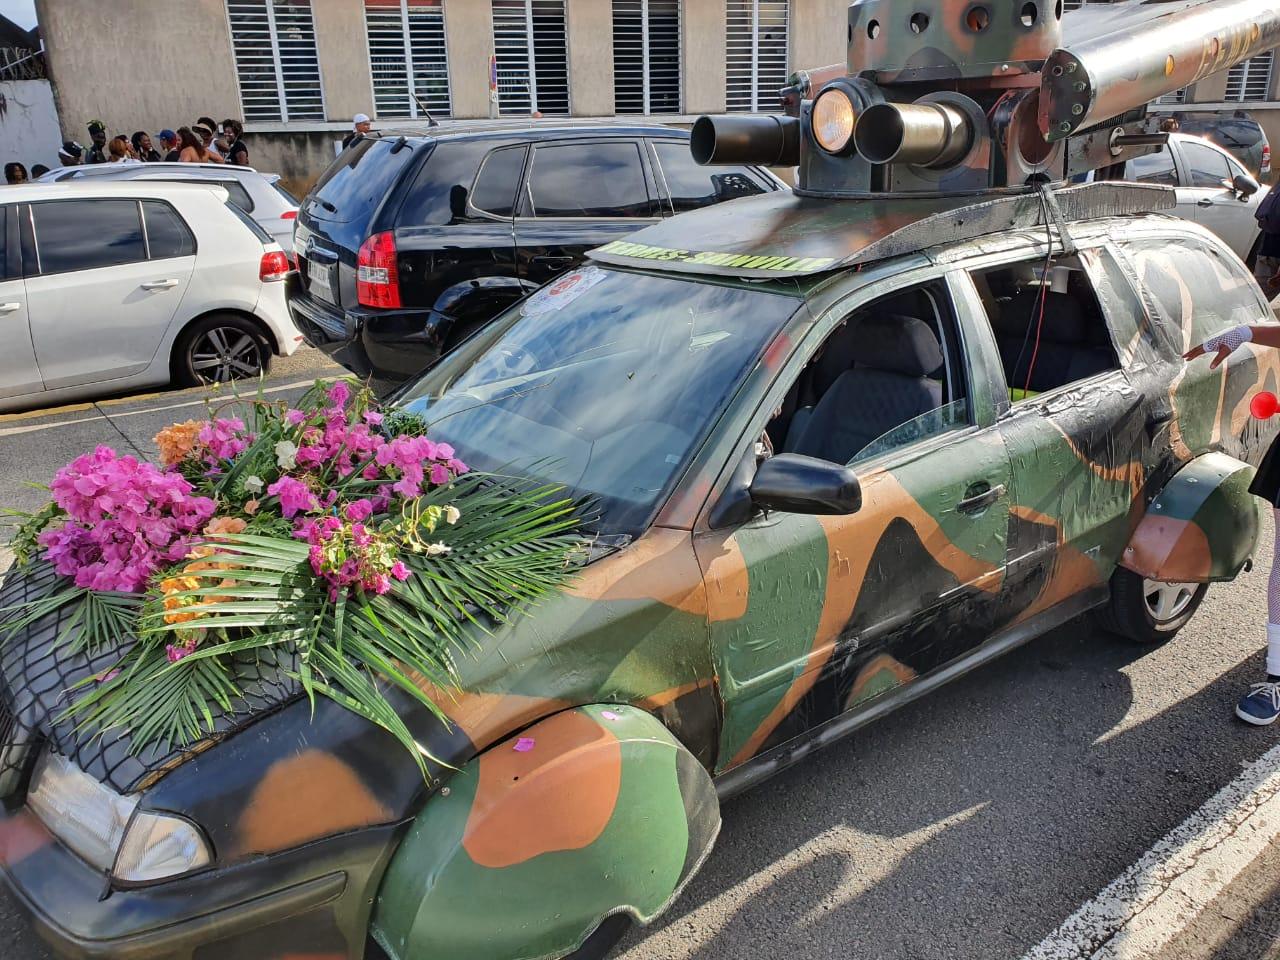 Mercredi des cendres : les carnavaliers s'échauffent en attendant Vaval